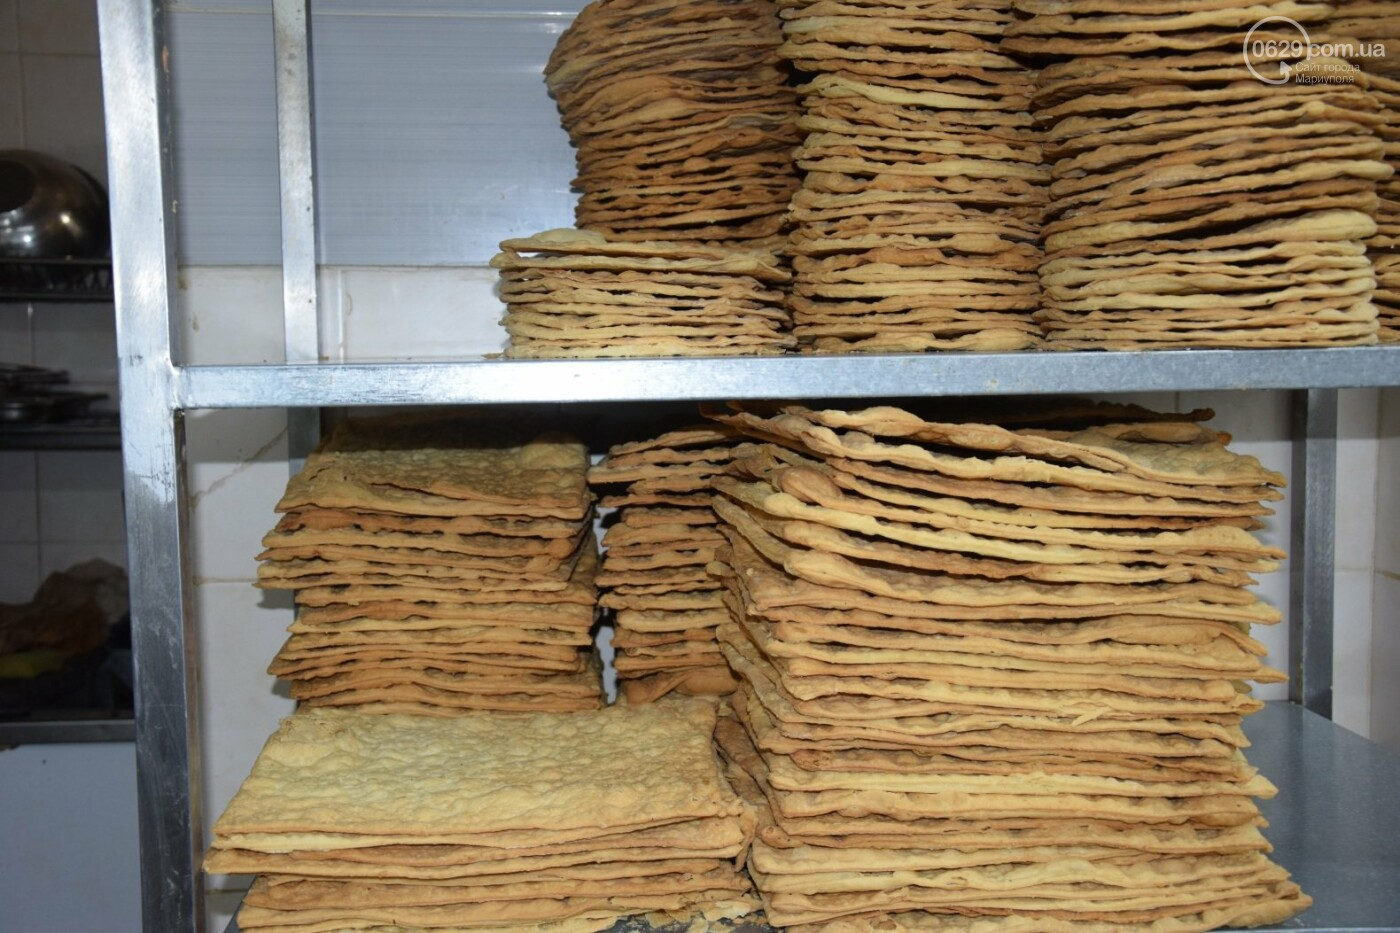 «Как это сделано»:  репортаж из кондитерского цеха в Мариуполе, - ФОТО, фото-2